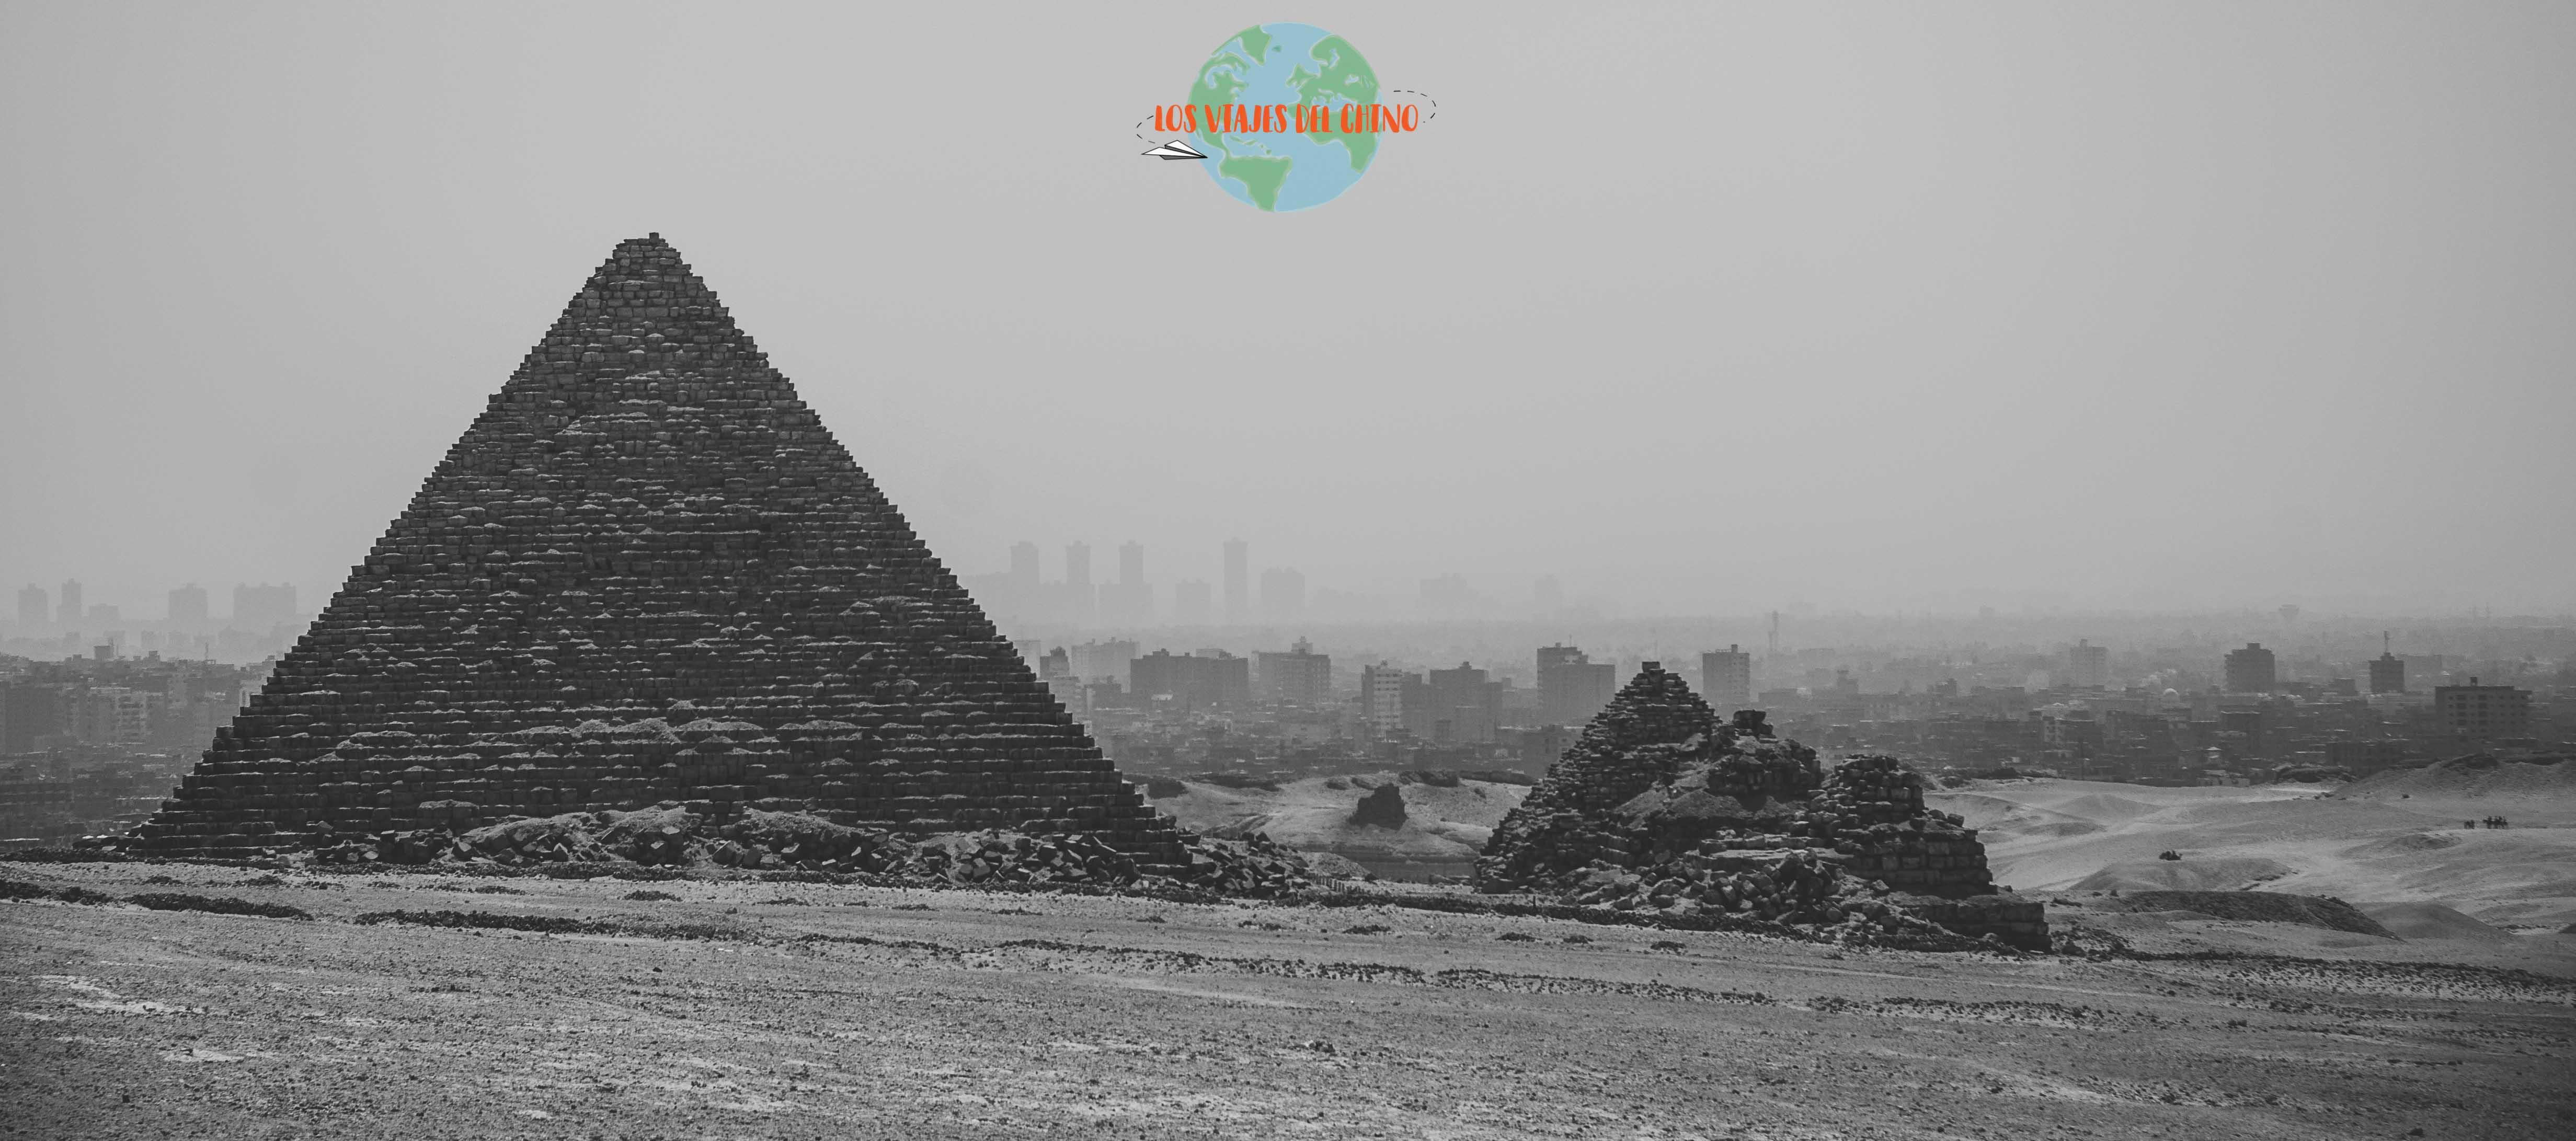 ¿Cómo ir a las pirámides de Guiza?